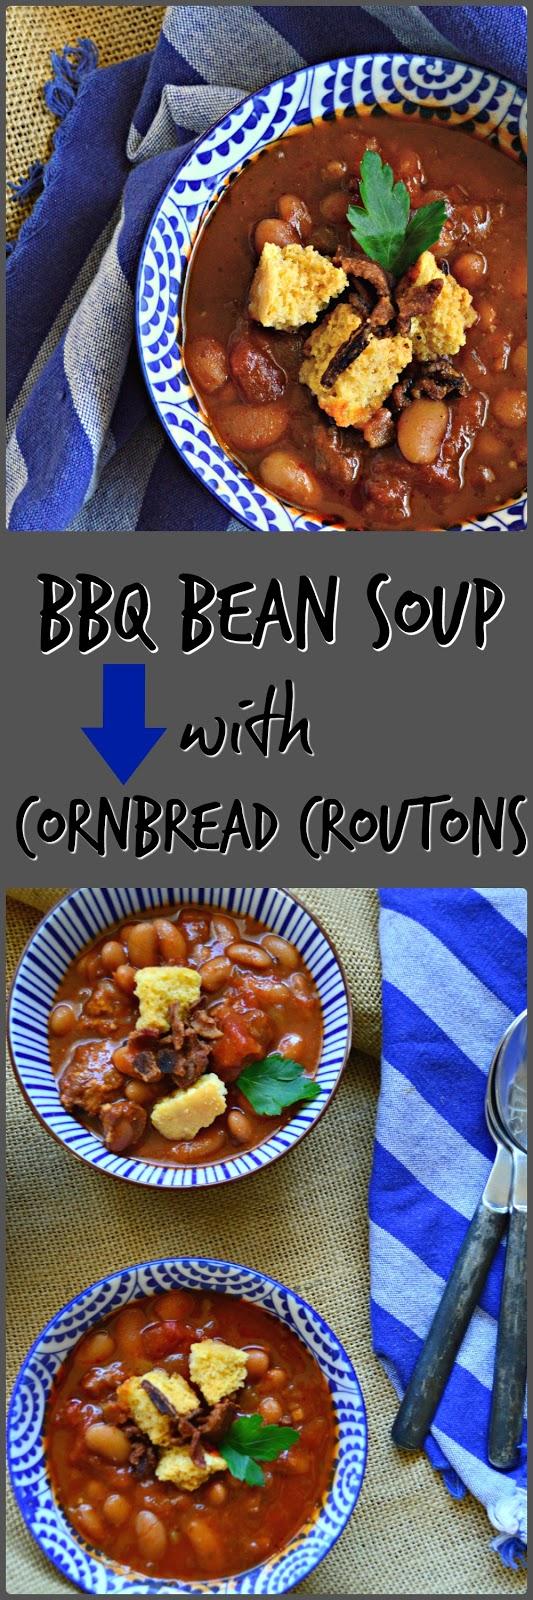 Soup, BBQ, Beans